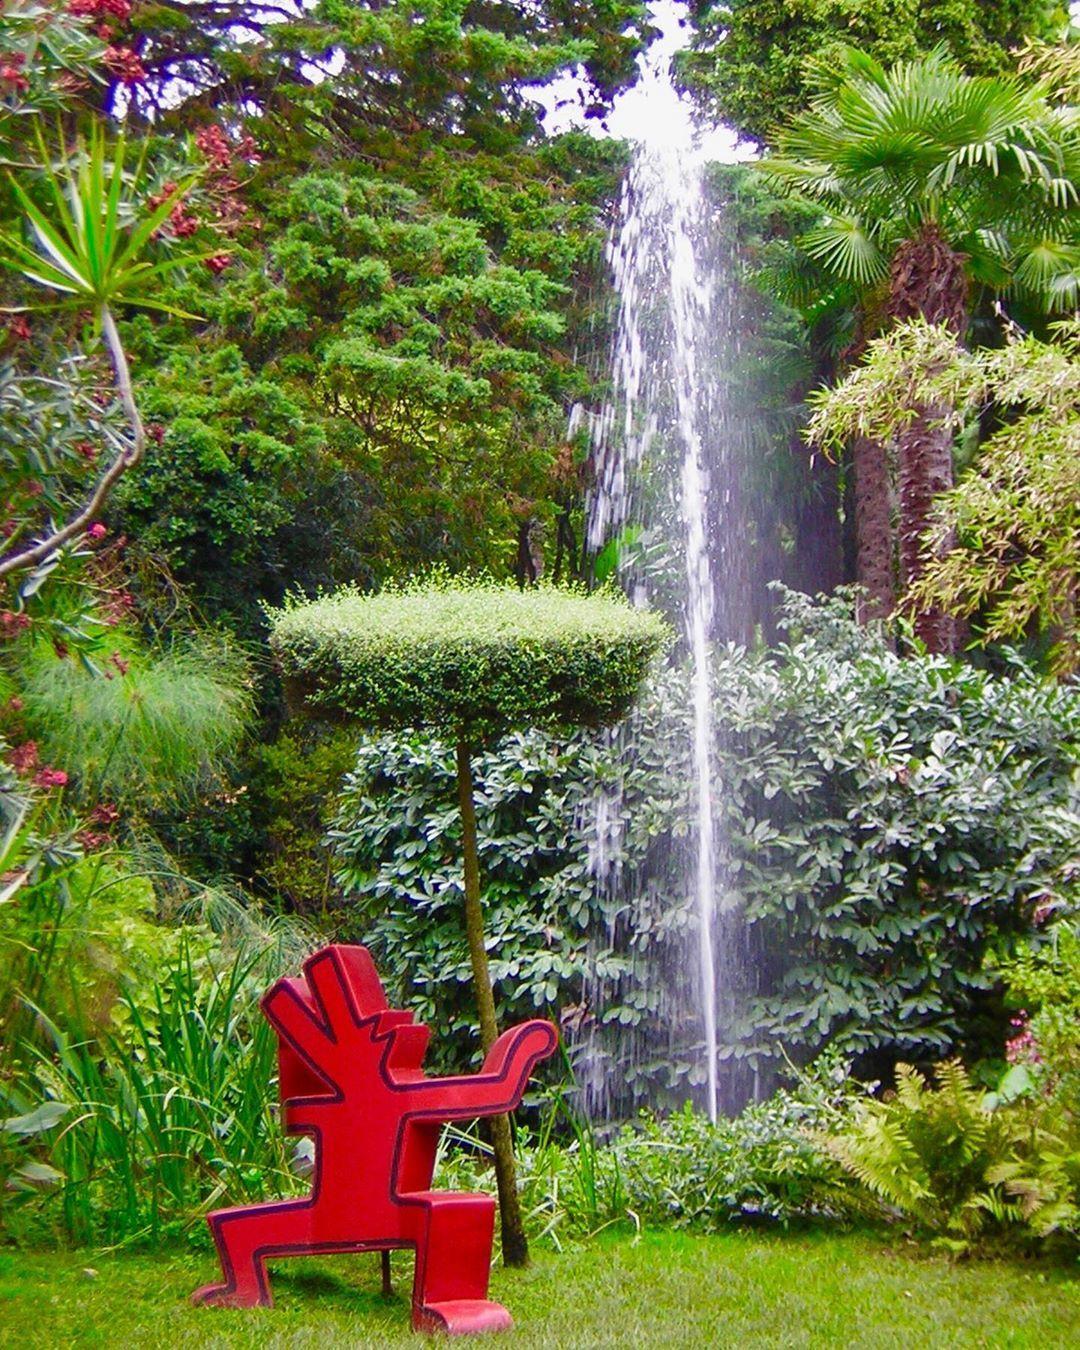 Heller Garden Gardone Riviera Italy English Version Below Am Gardasee In Gardone Riviera Liegt Der Rund 10 000 M2 Grosse Heller Garten A Italy